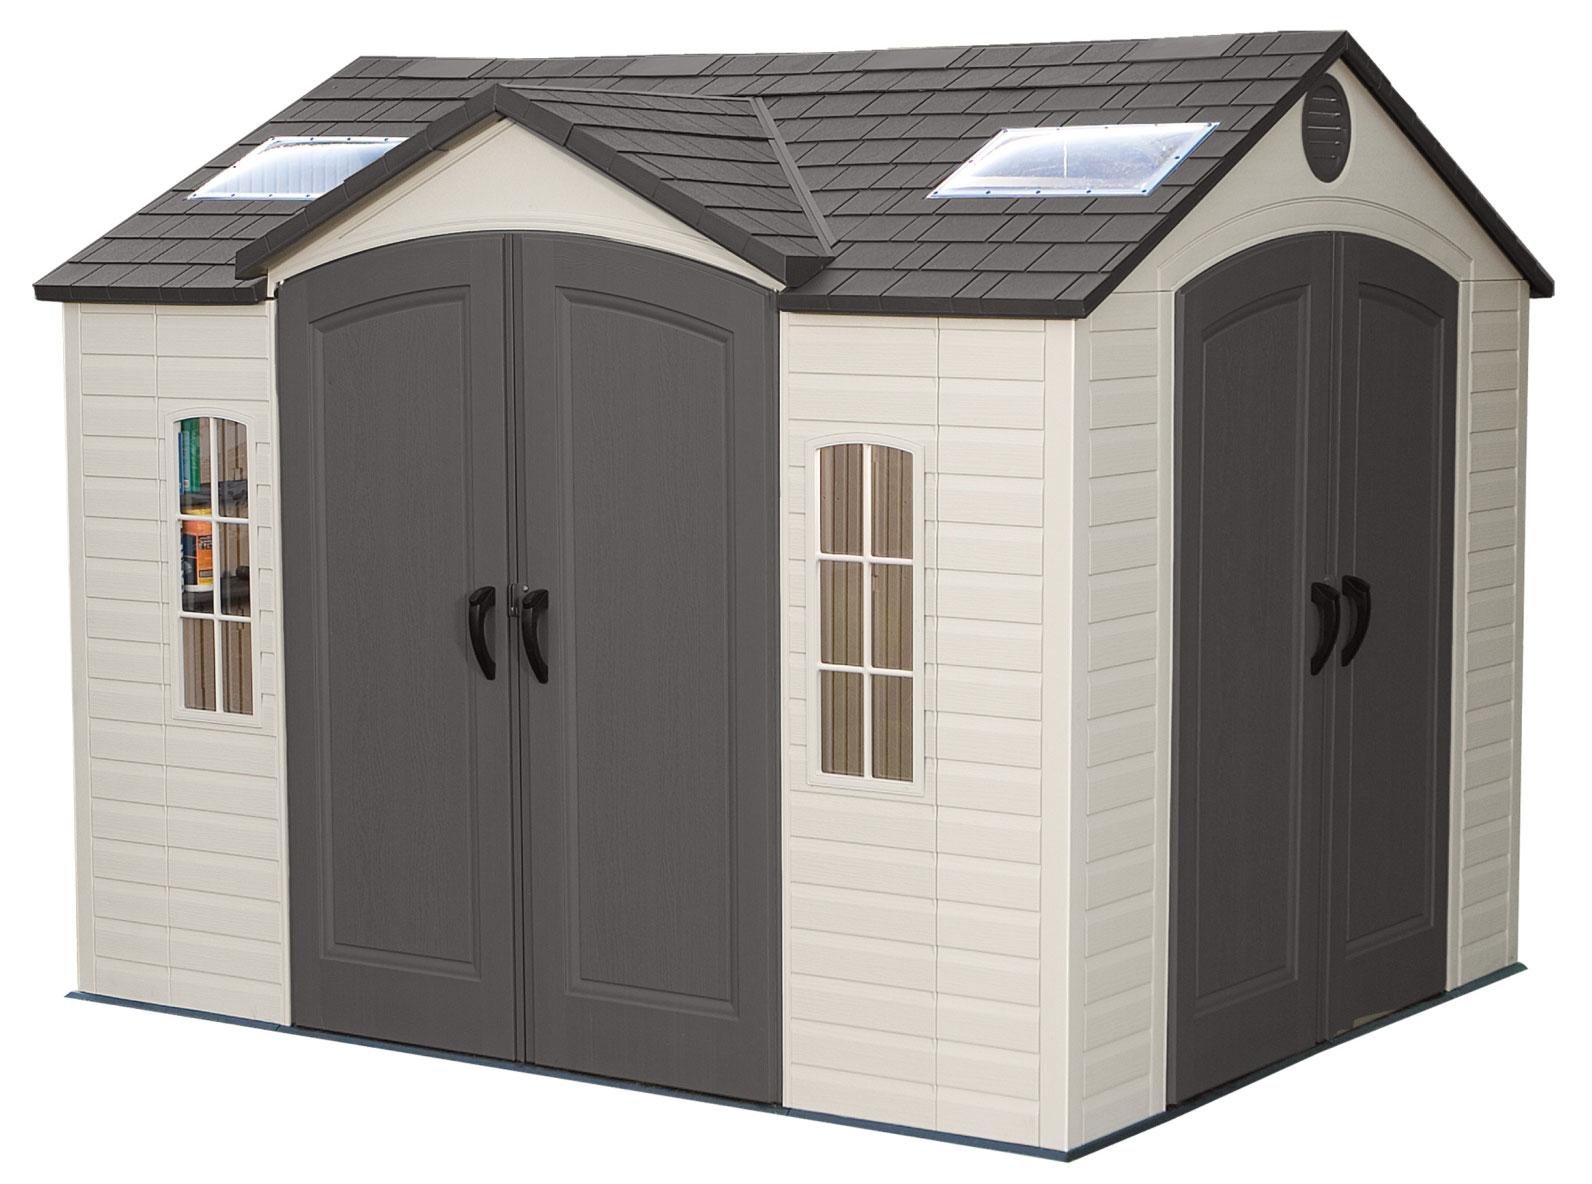 gartenhaus stratos online g nstig kaufen. Black Bedroom Furniture Sets. Home Design Ideas